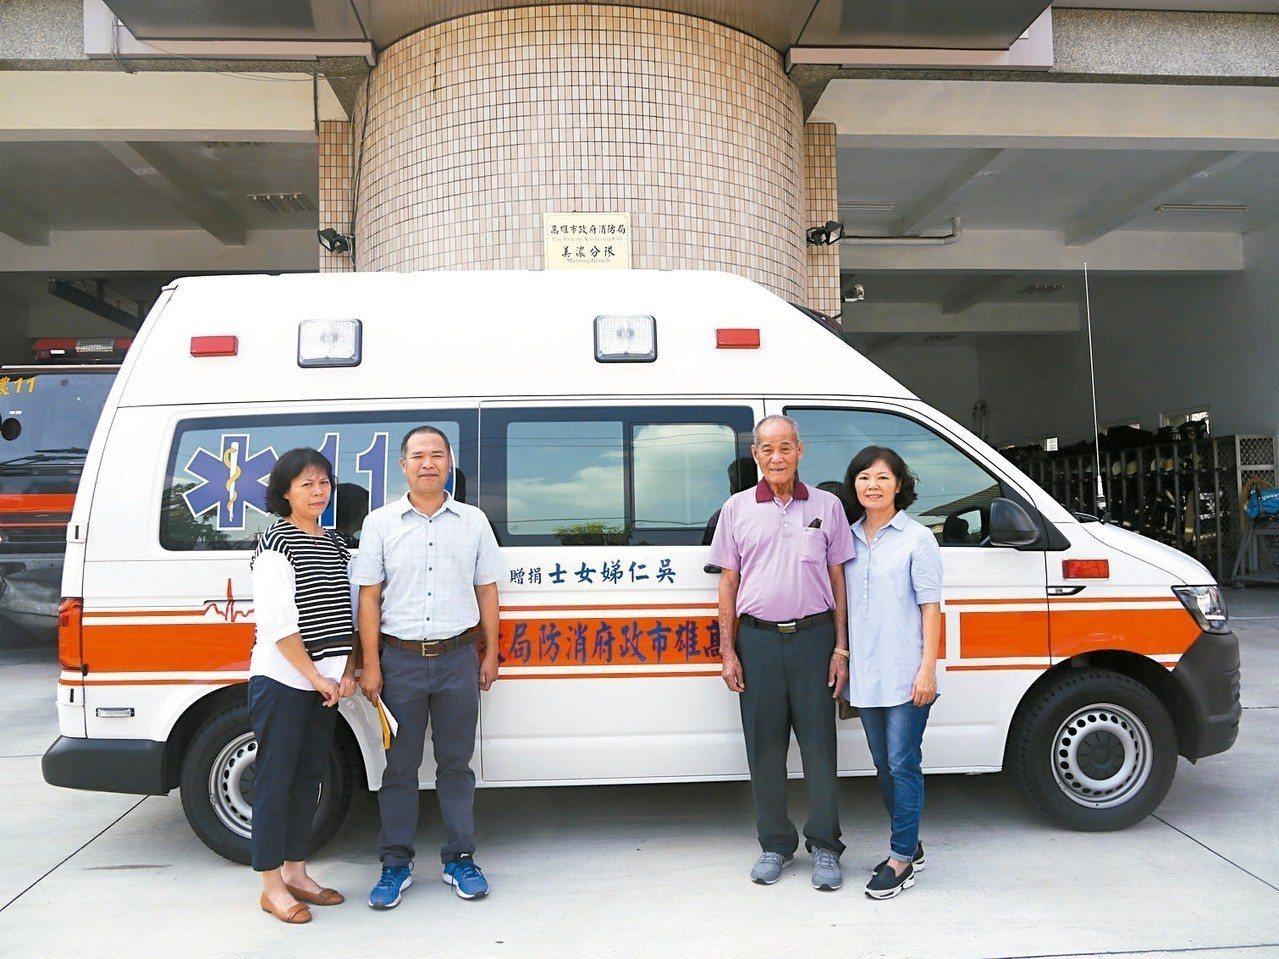 吳連華(右二)以女兒之名捐贈救護車,幫女兒完成回饋社會的心願。 記者徐白櫻/攝影